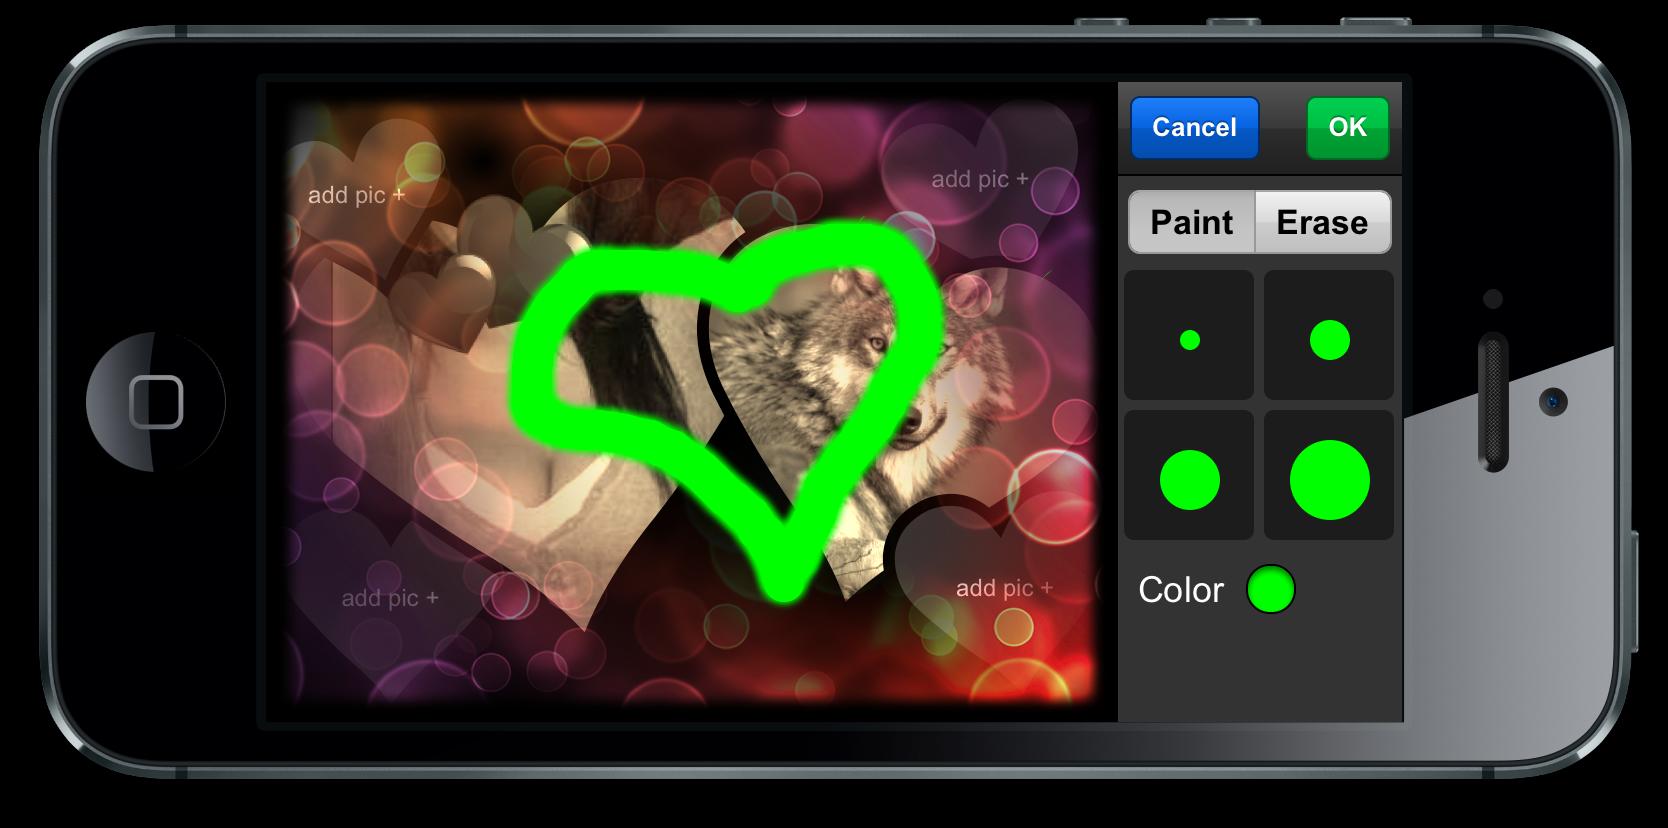 piZap paint